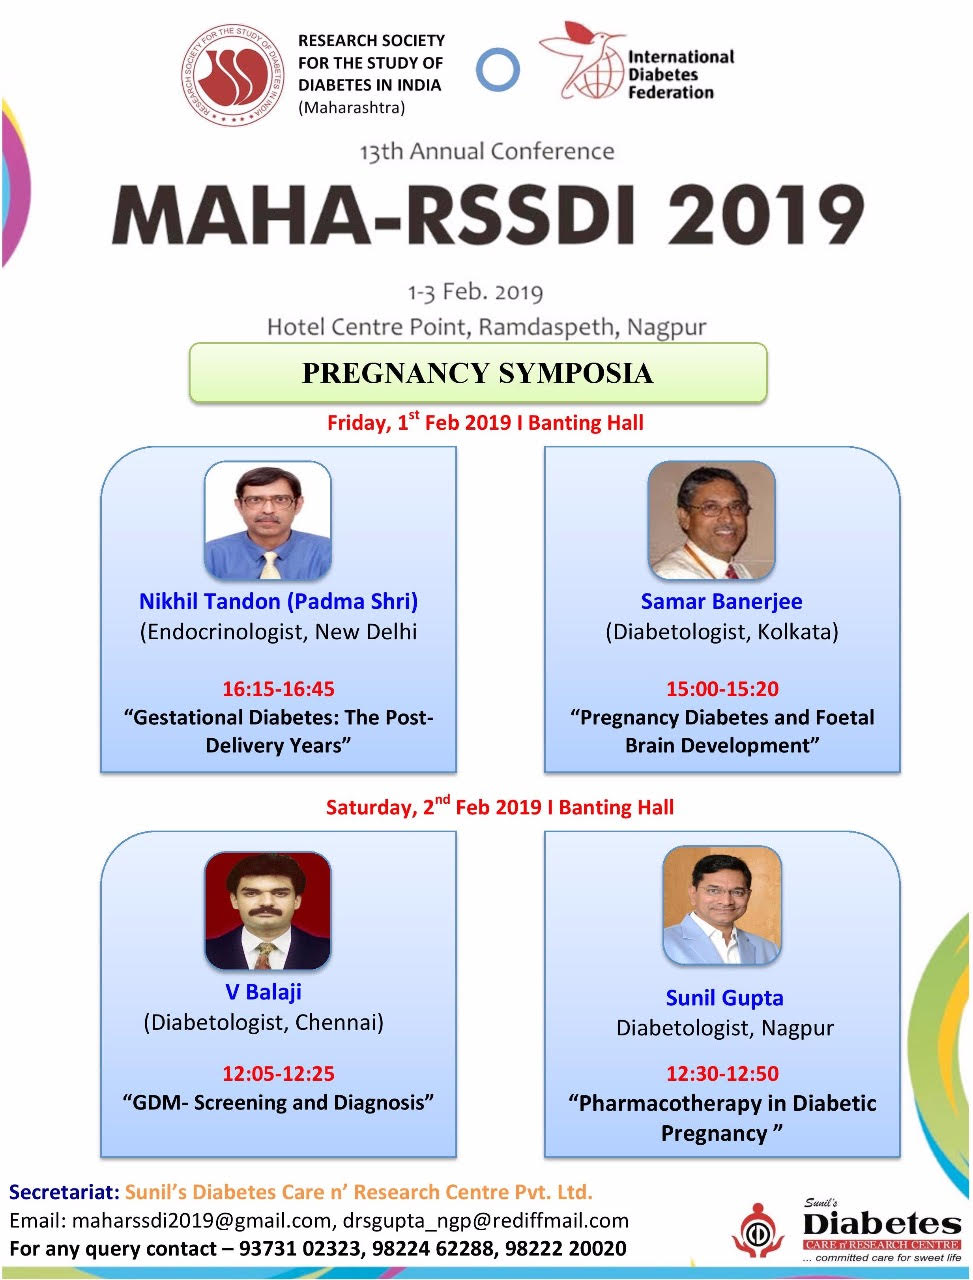 Pregnancy Symposia